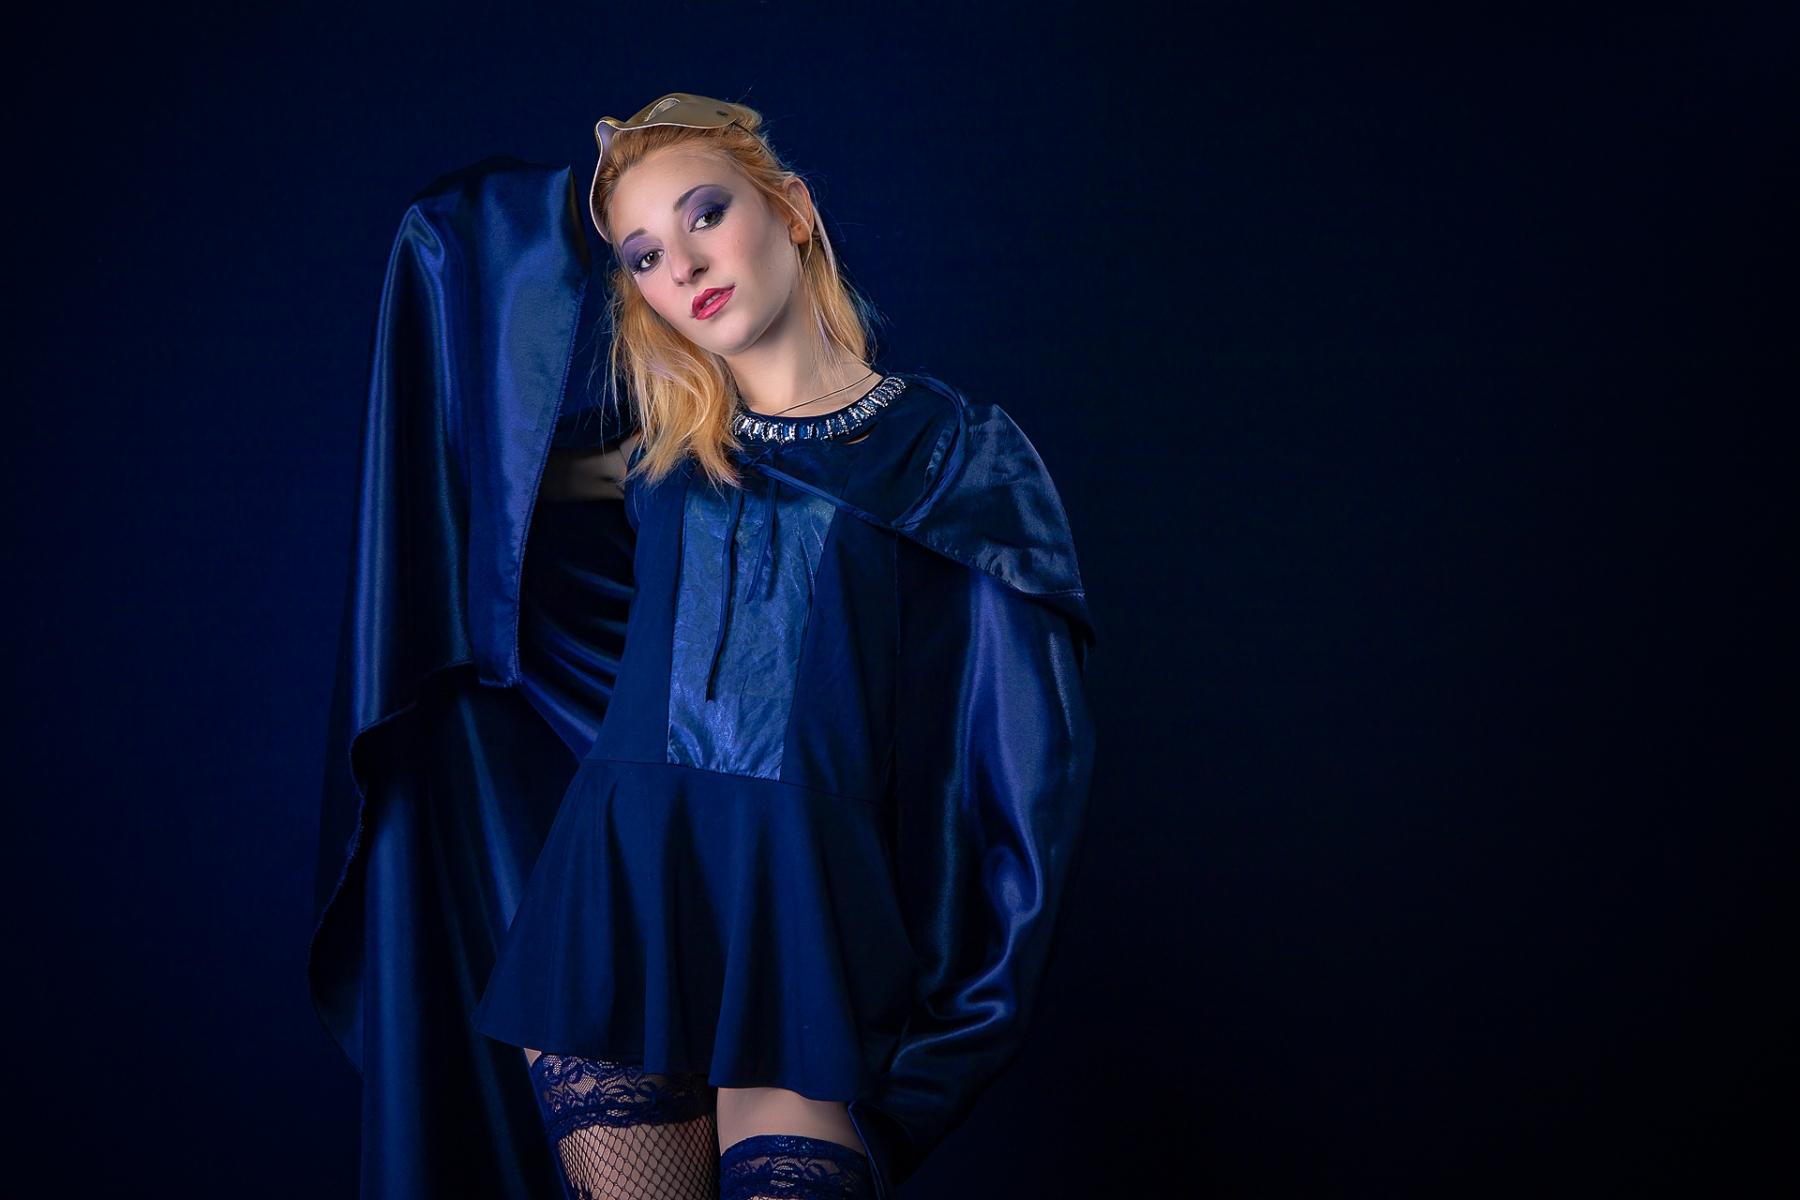 Ivan Luminaria, Servizio fotografico di Ritratto, Glamour, Fashion